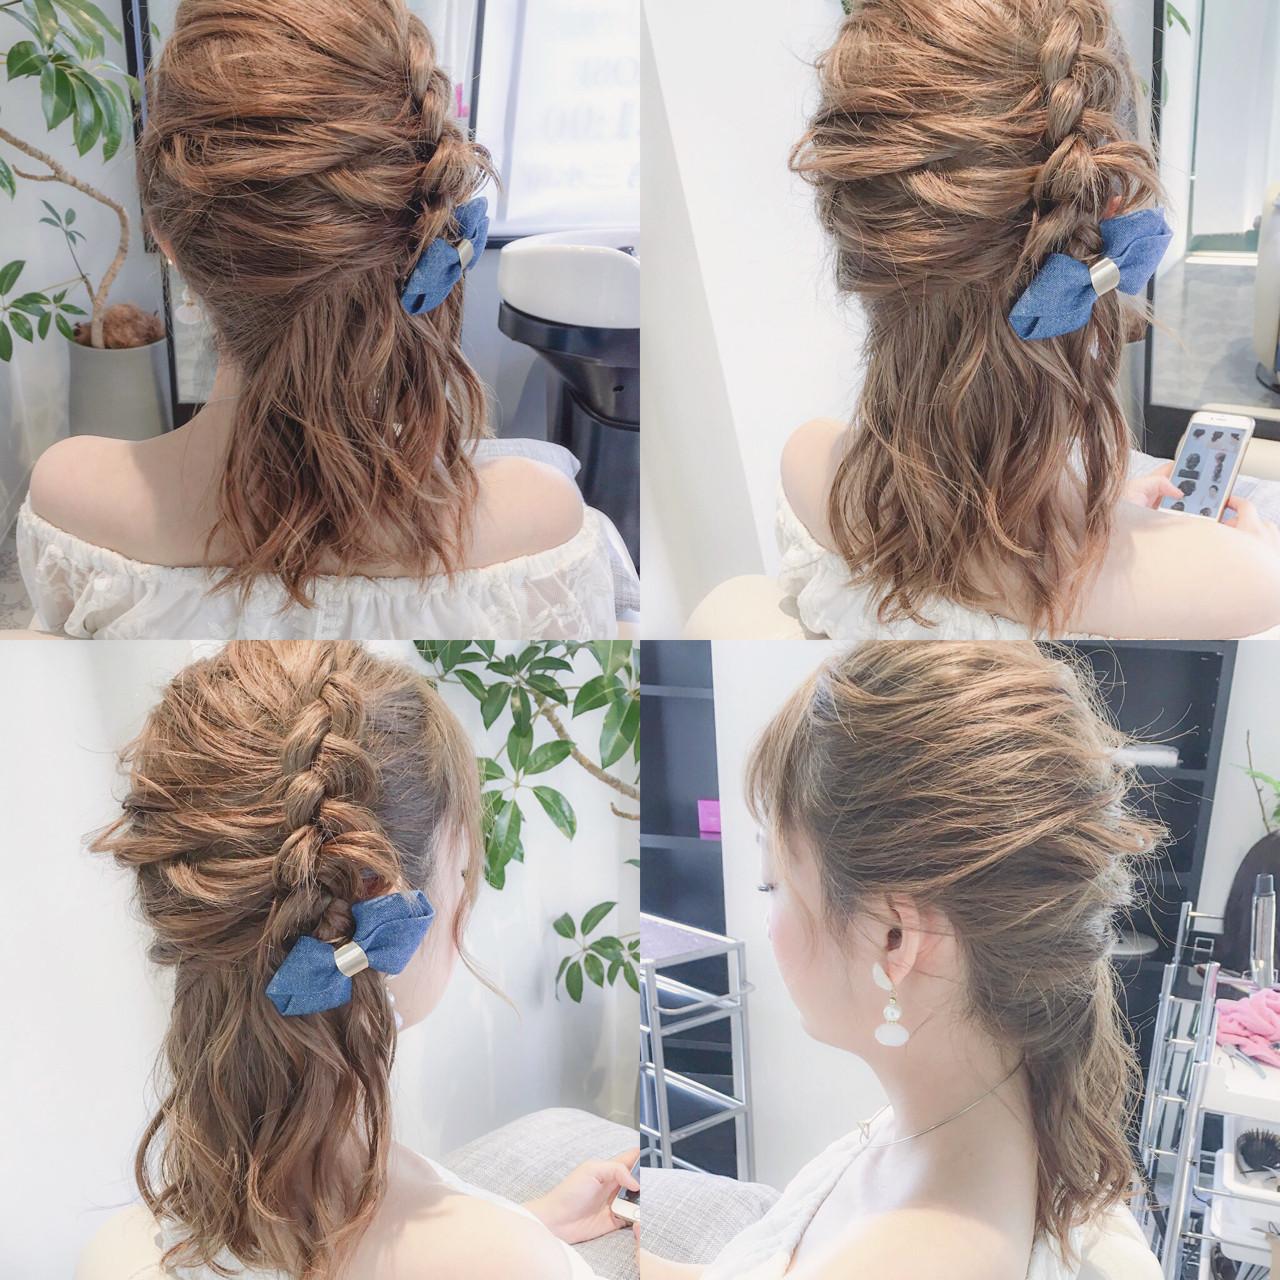 ハーフアップ ガーリー ヘアアレンジ セミロング ヘアスタイルや髪型の写真・画像 | 美容師HIRO/Amoute代表 / Amoute/アムティ